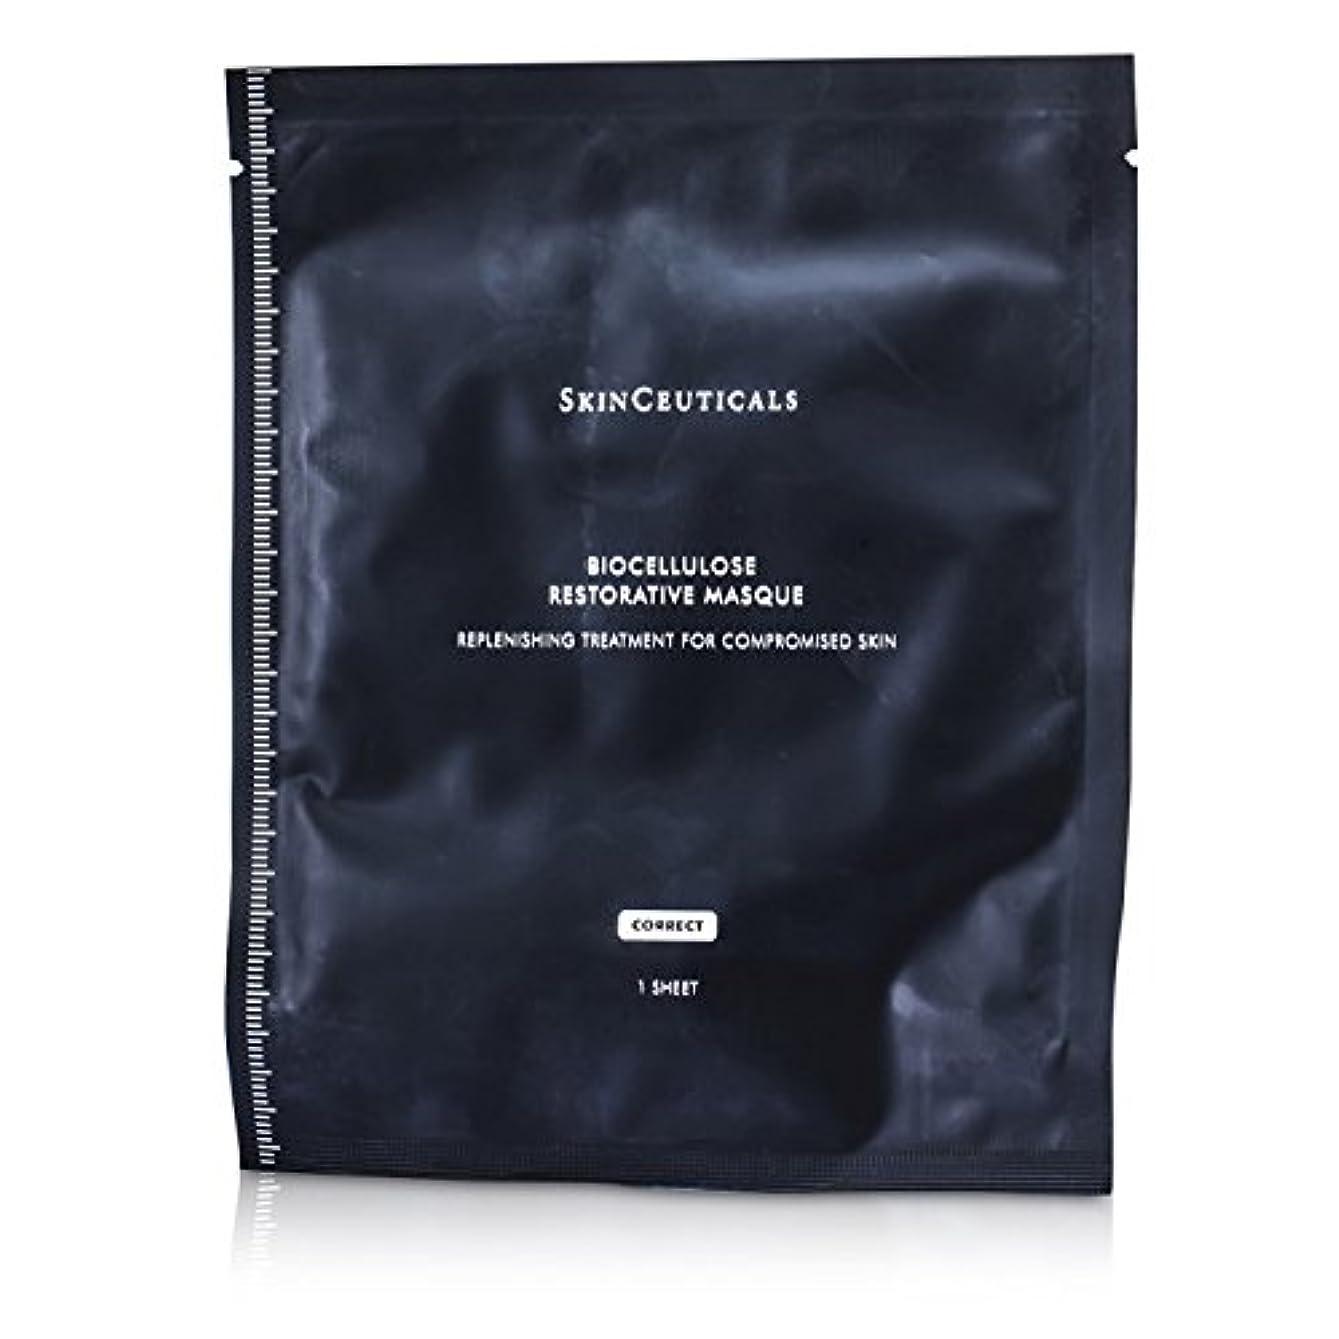 サラミ浴赤道スキンシューティカルズ バイオセルロース リストレーティブマスク 6sheets並行輸入品